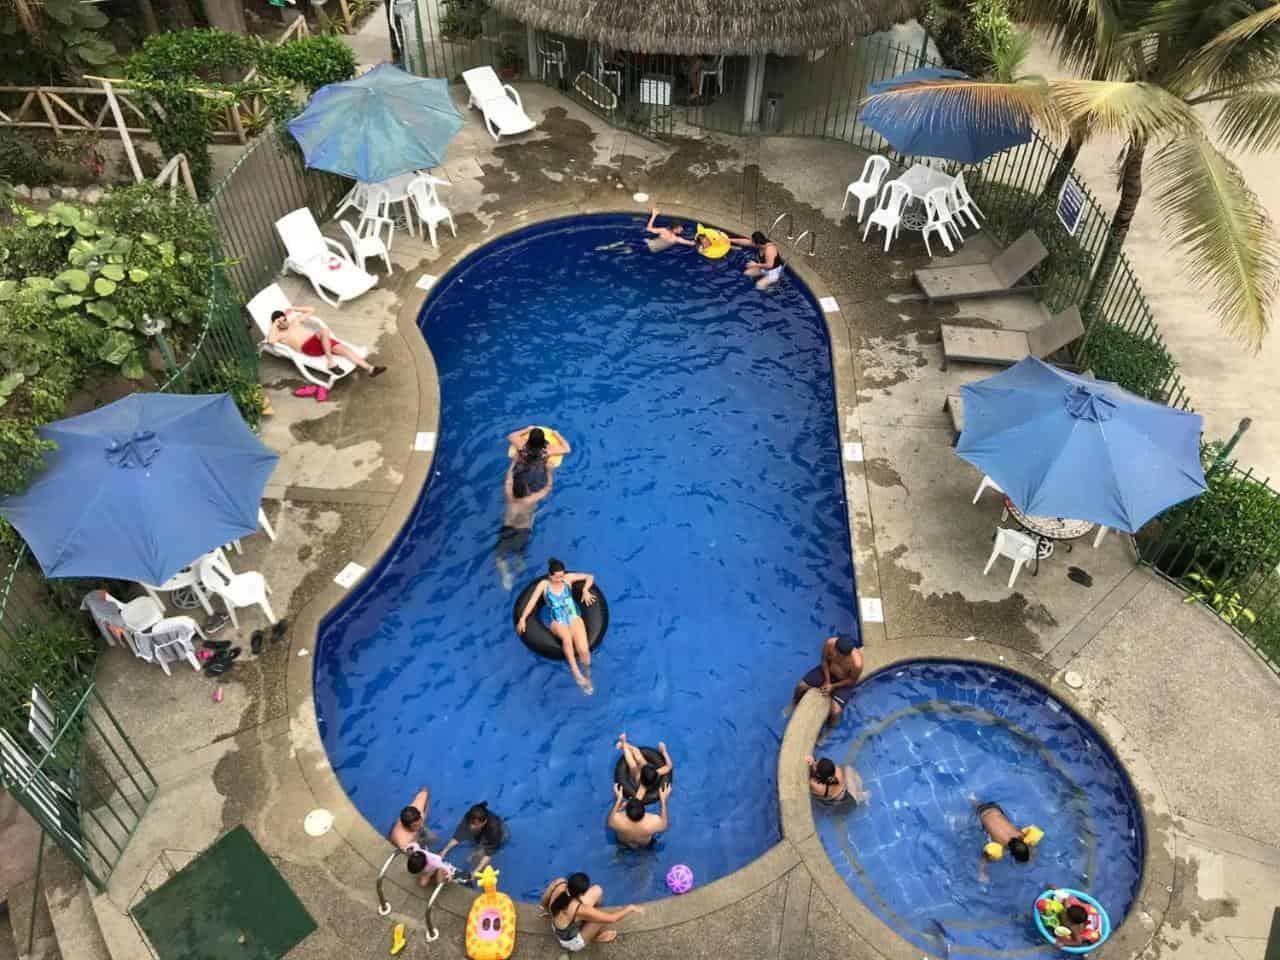 صور افضل فندق في بونشاك , اهم الفنادق الموجوده في بونشاك